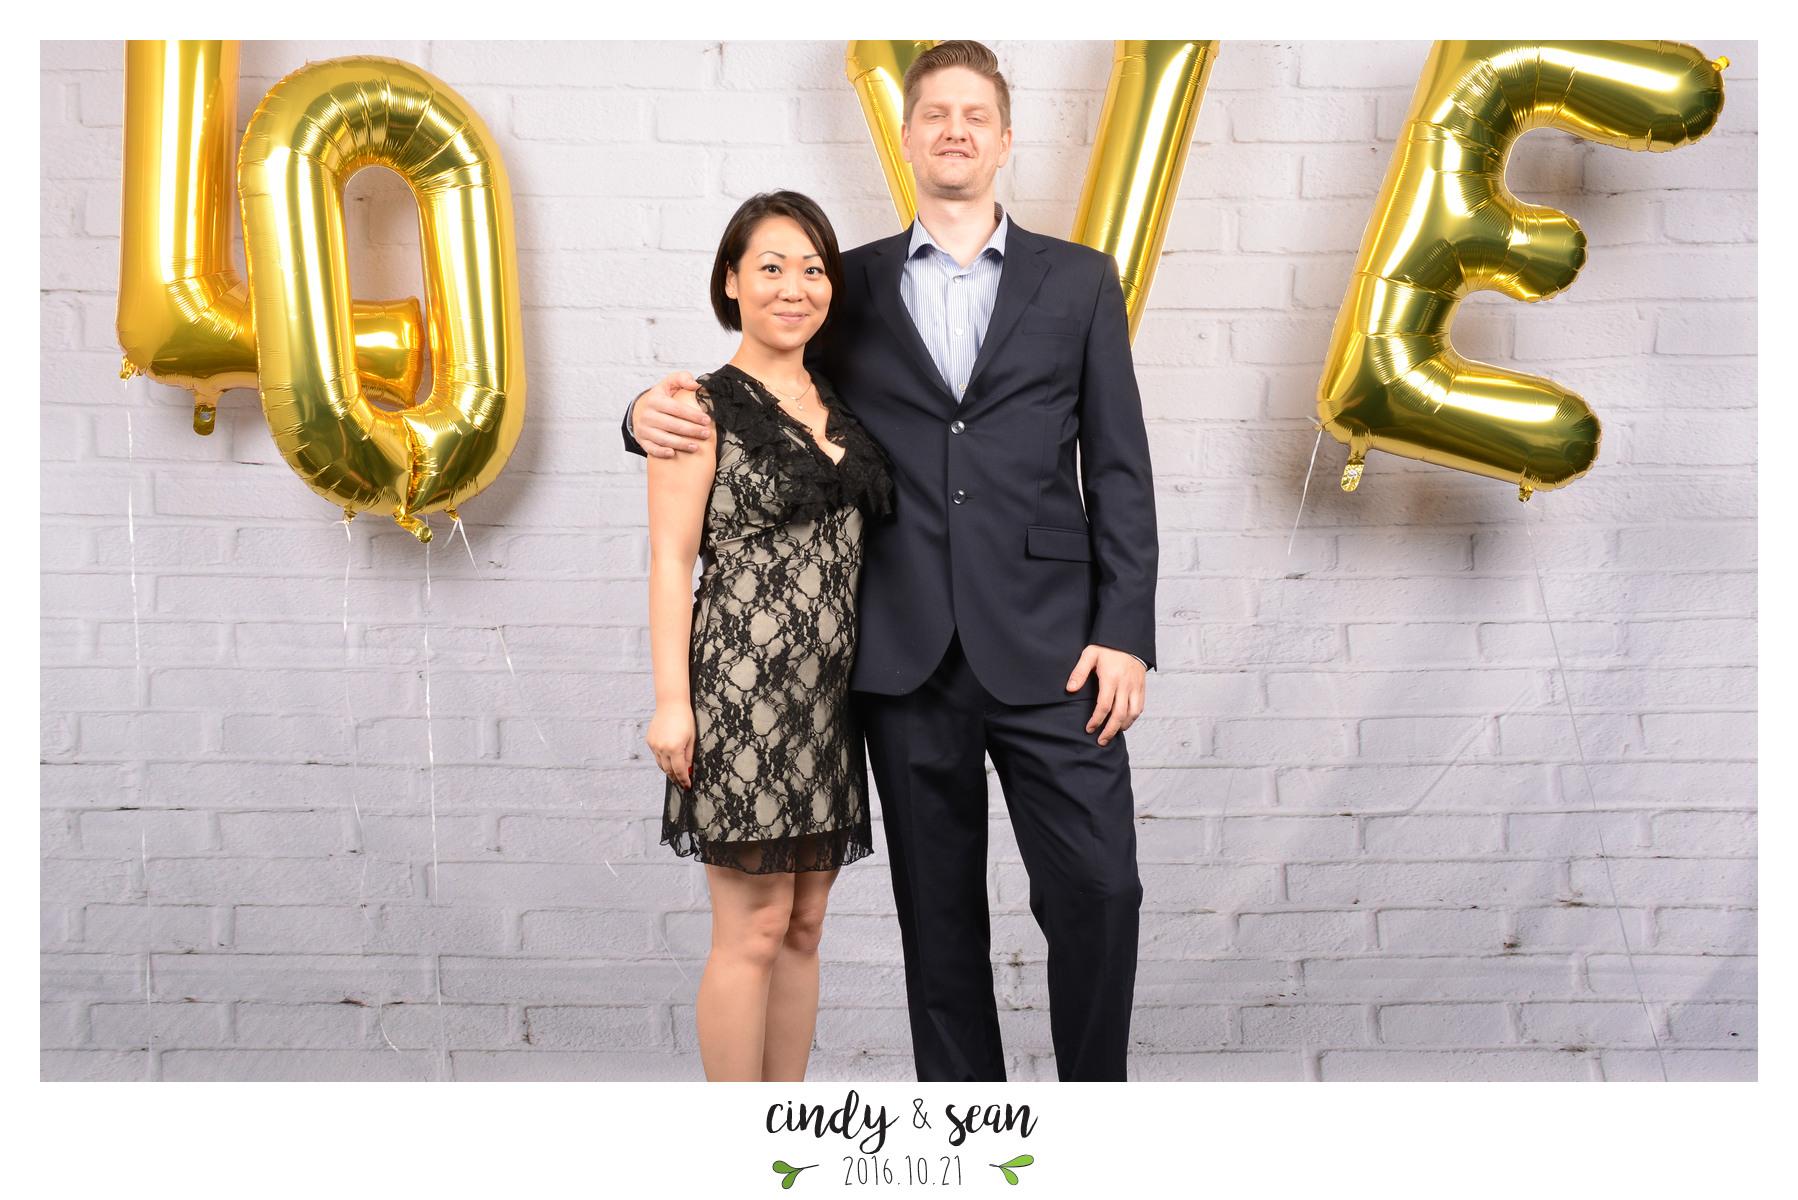 Cindy Sean Bae - 0001-11.jpg